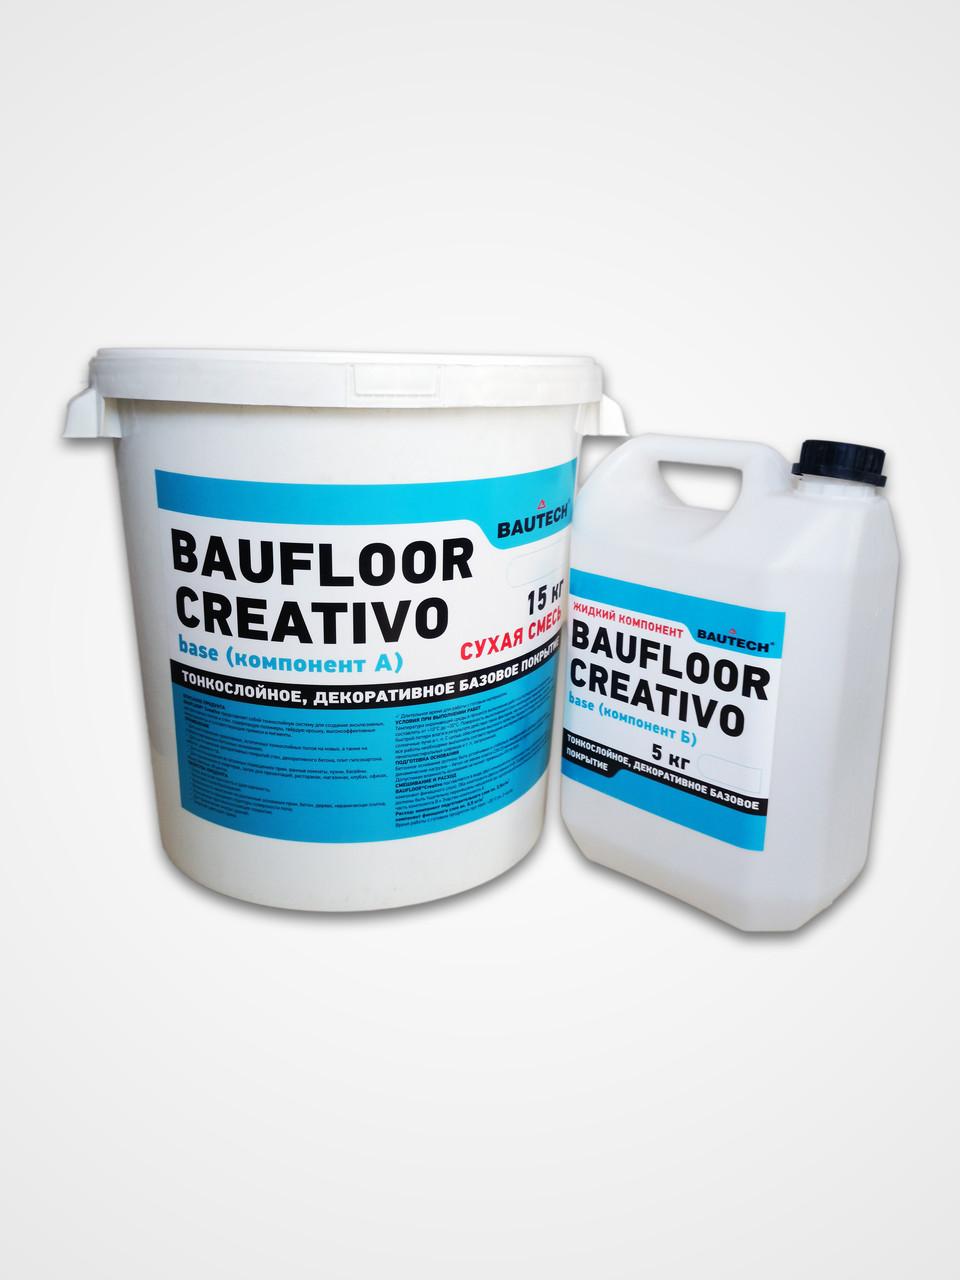 Тонкошарове декоративне покриття CREATIVO Base